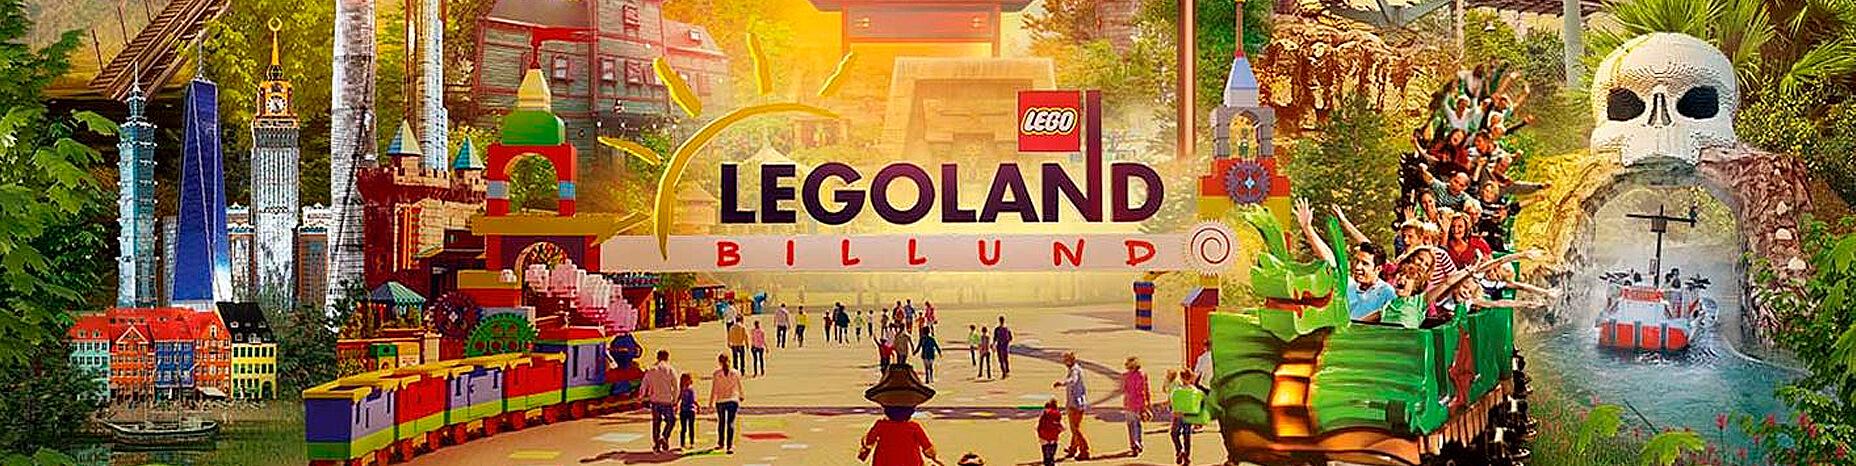 Поїздка у LEGOLAND Billund та LEGOHOUSE